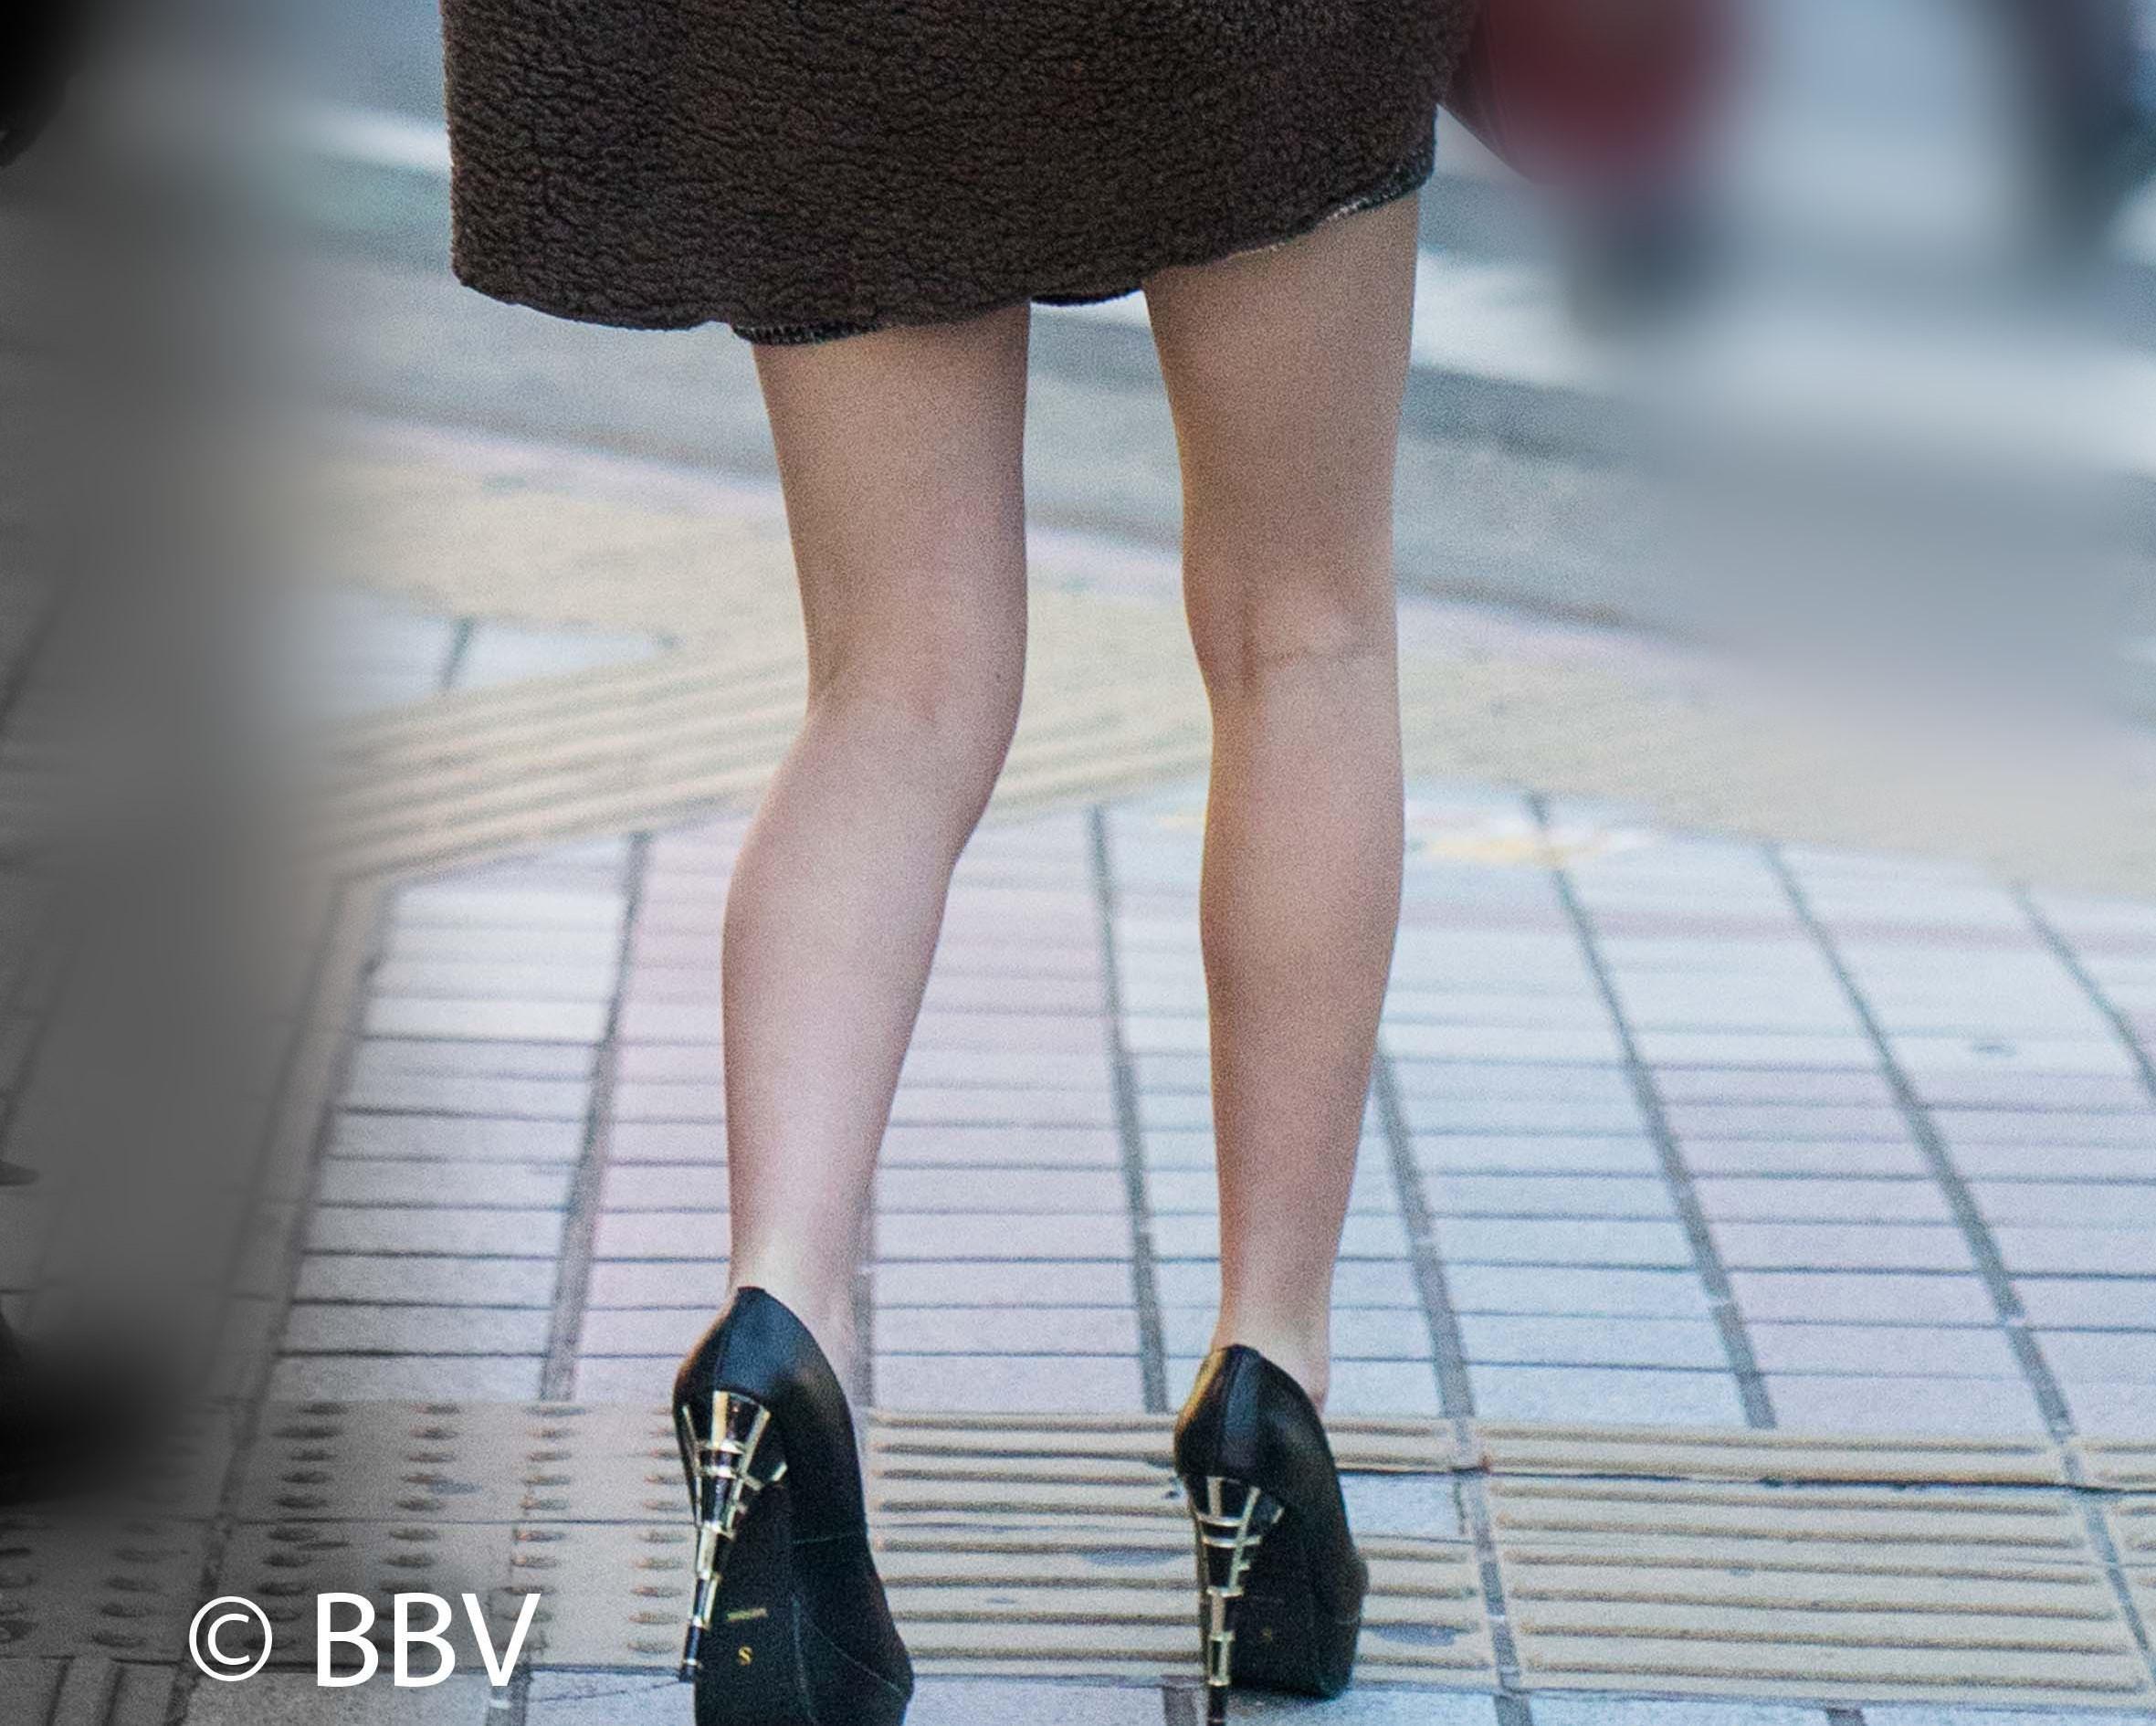 脚が細い!真冬に生足美脚をアピールしセクシーなピンヒールで街に繰り出すギャル